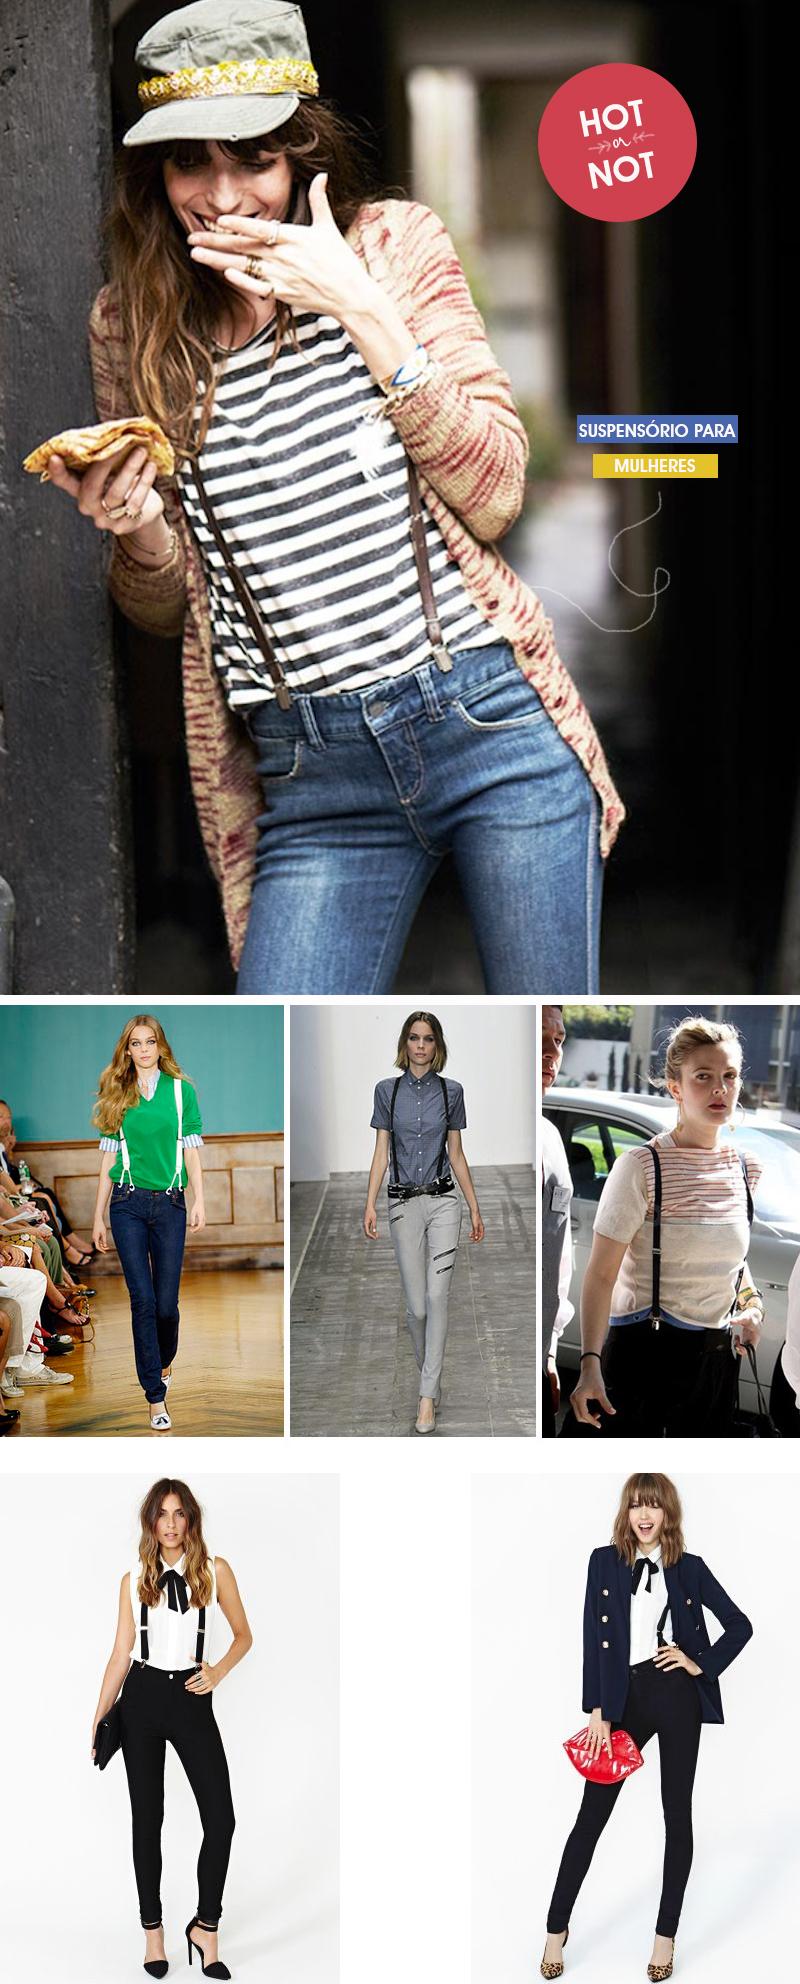 Suspensório para mulheres como usar dicas estilo moda